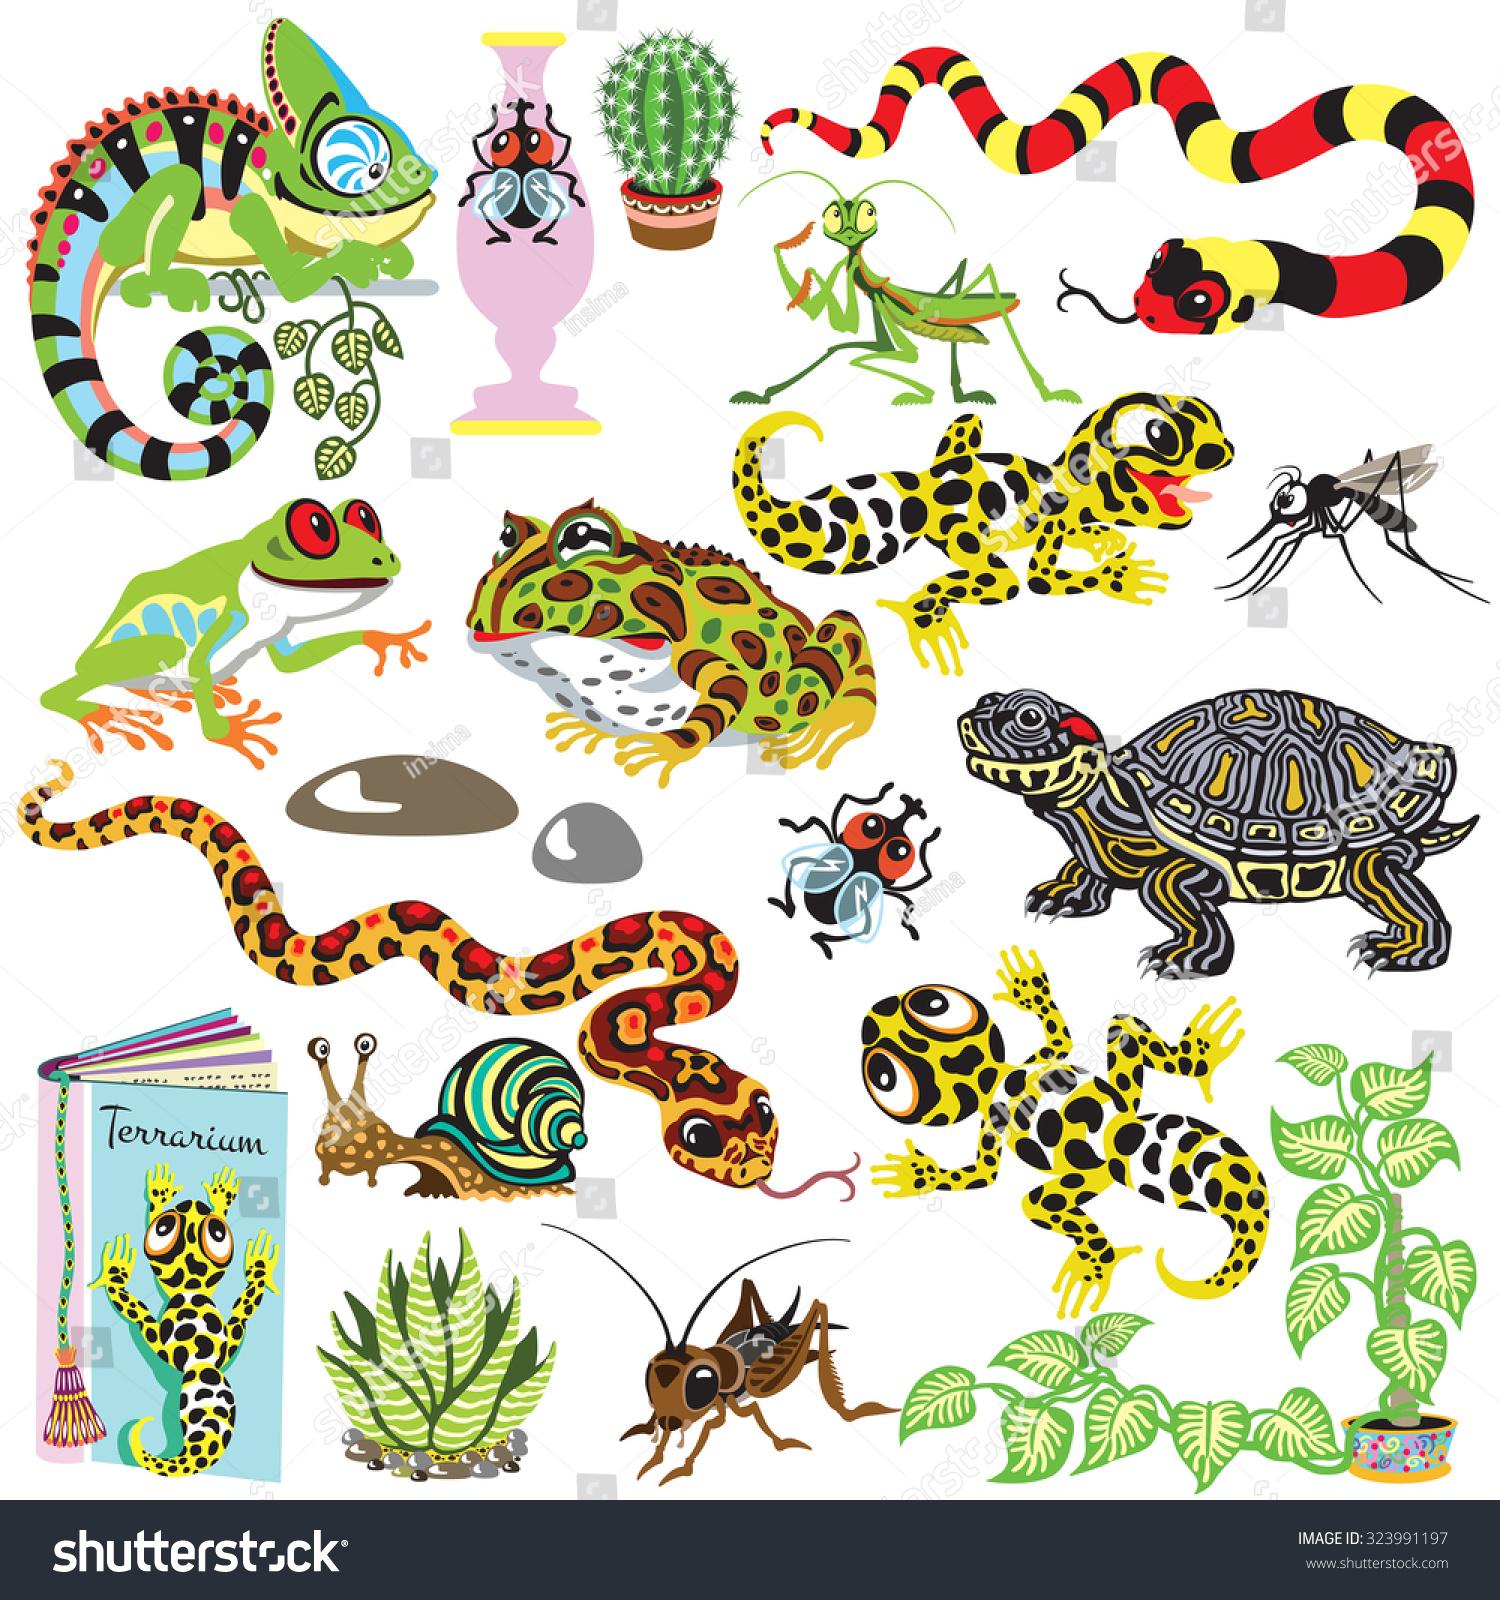 Worksheet On Lizards